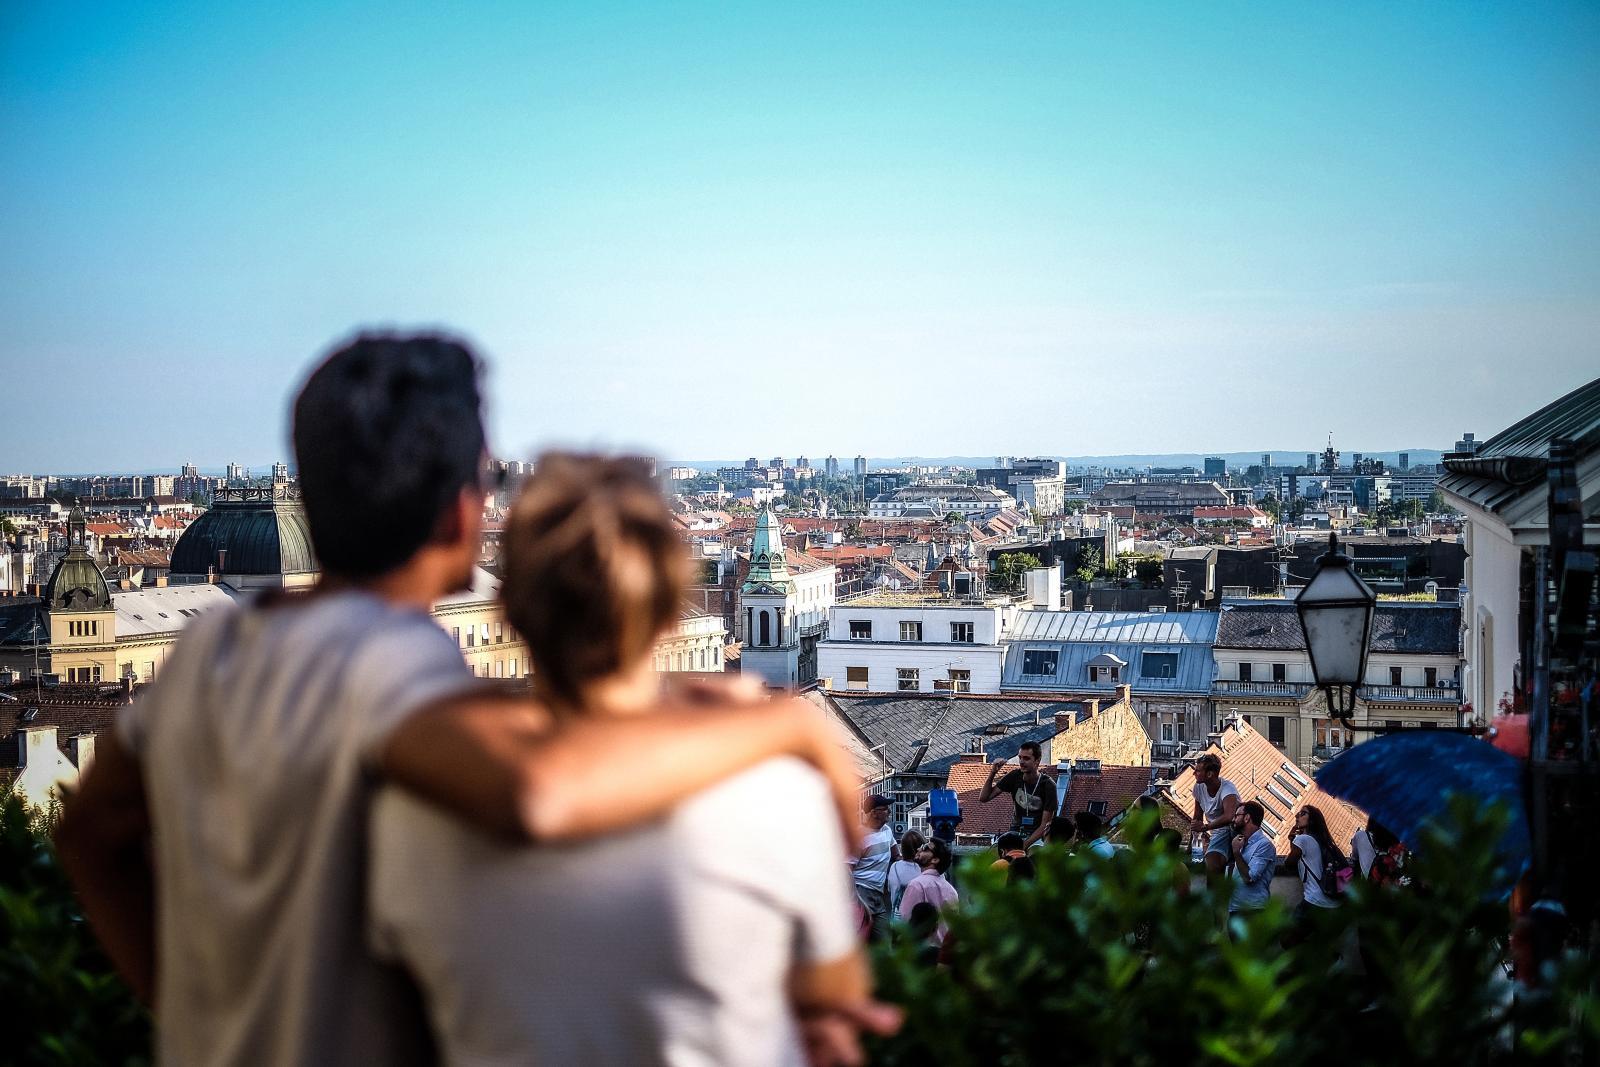 Već nakon prvog izdanja Mali piknik se pozicionirao na listu najboljih gastro-evenata u Zagrebu.